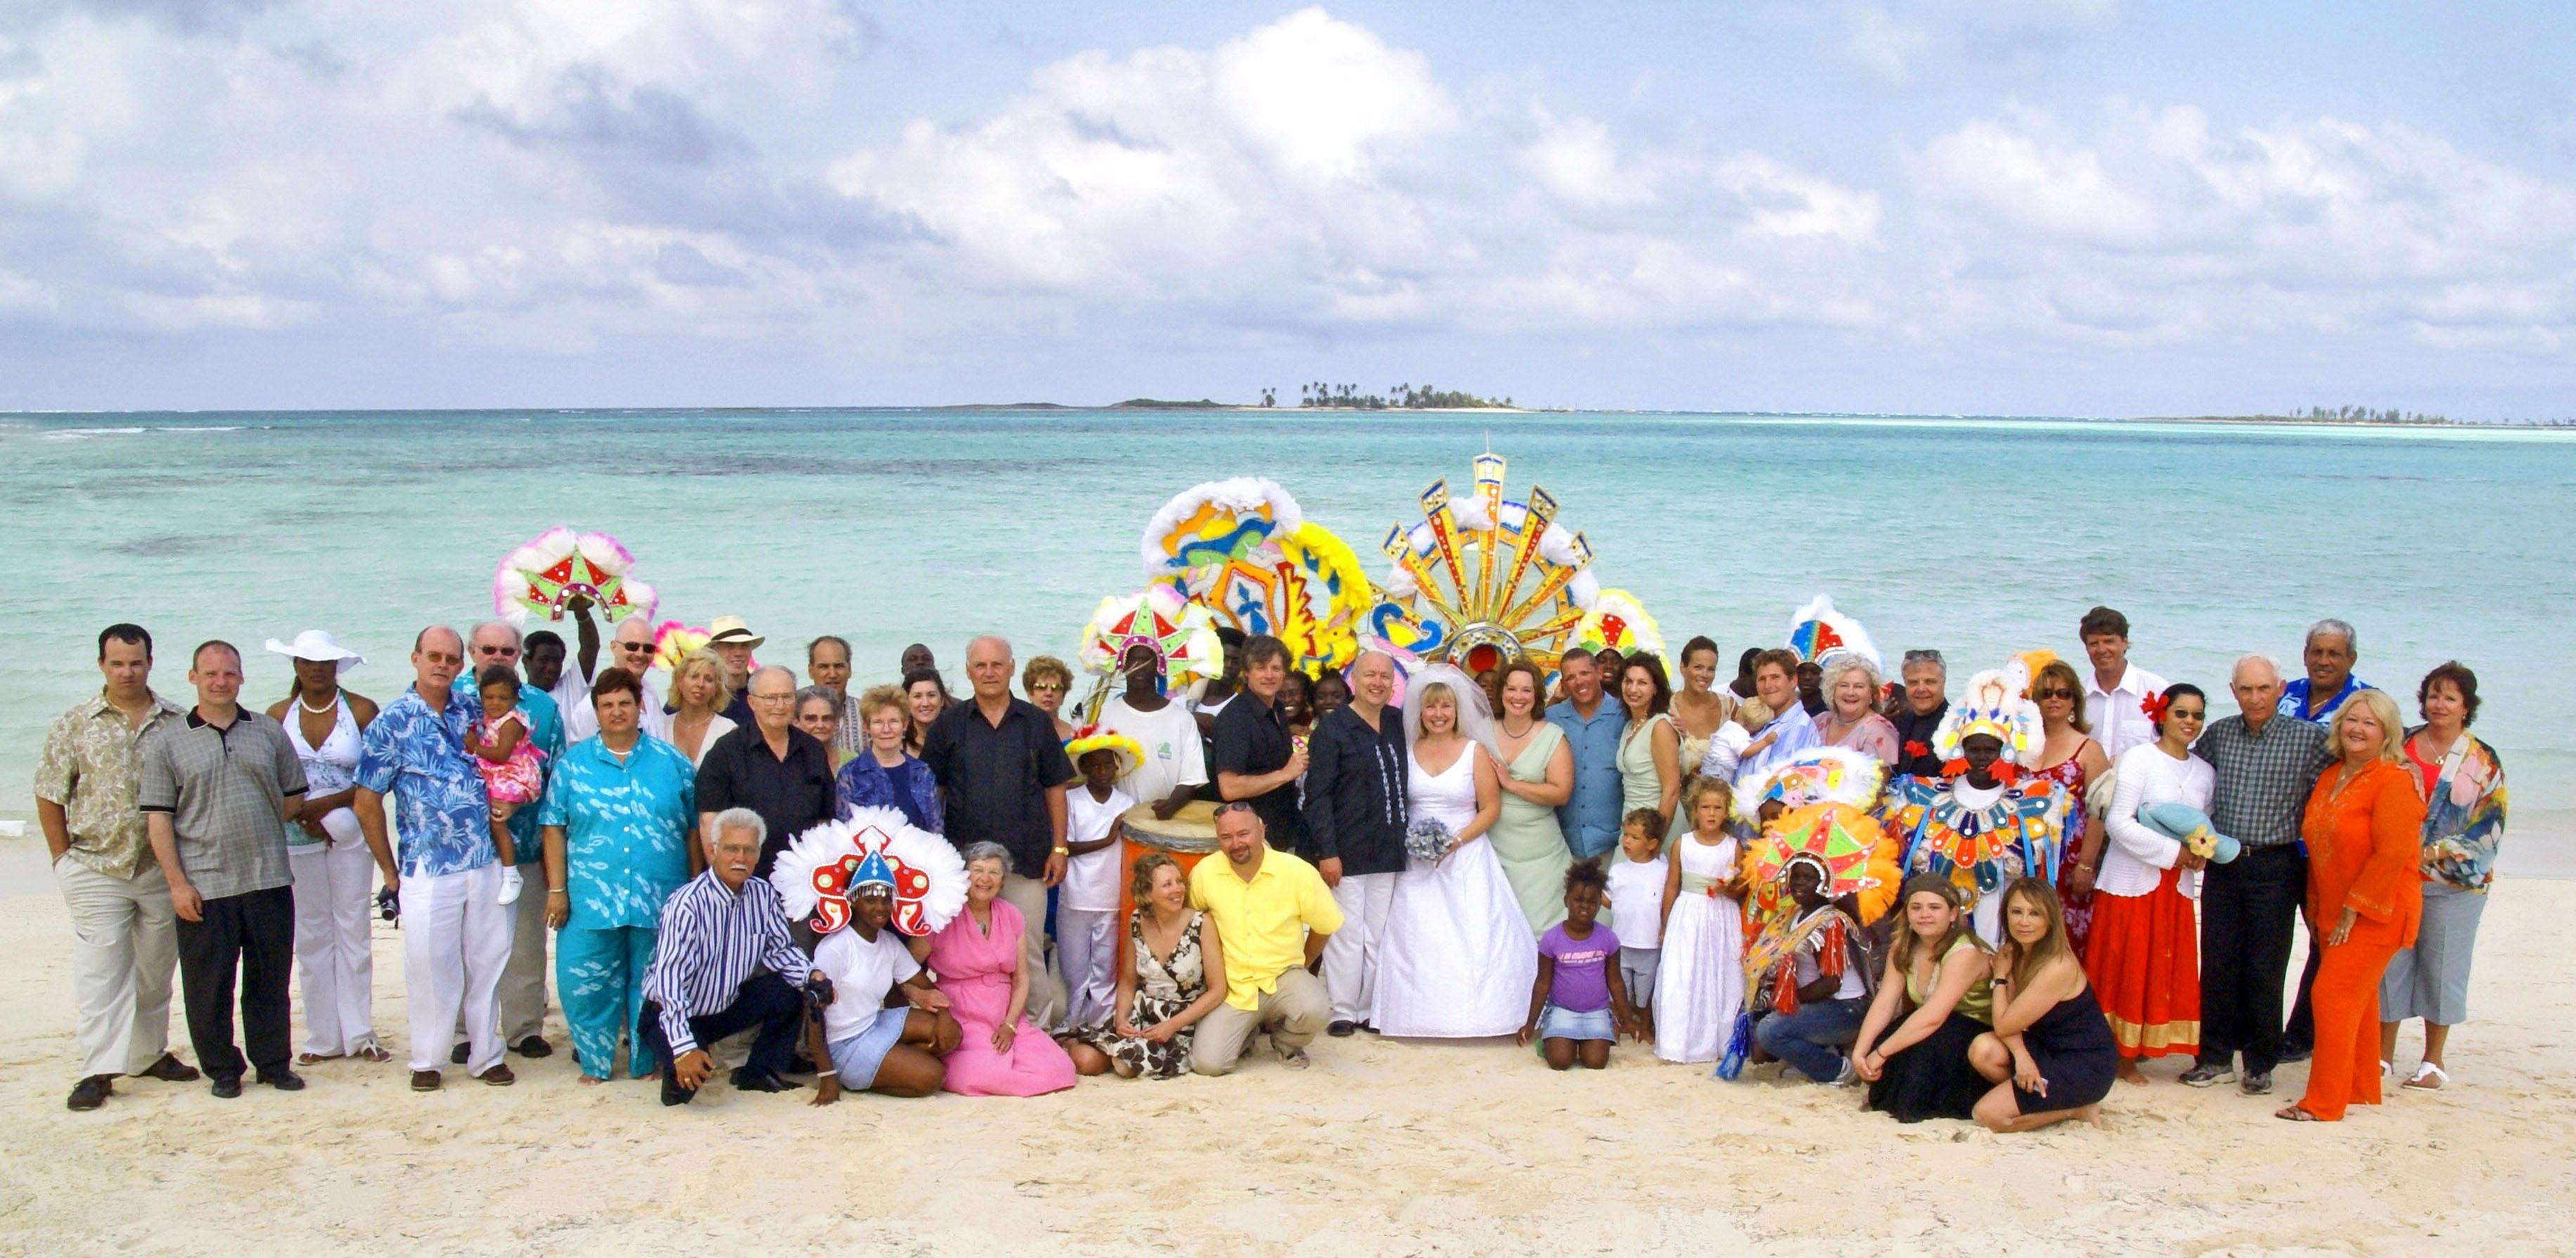 Abaco Weddings